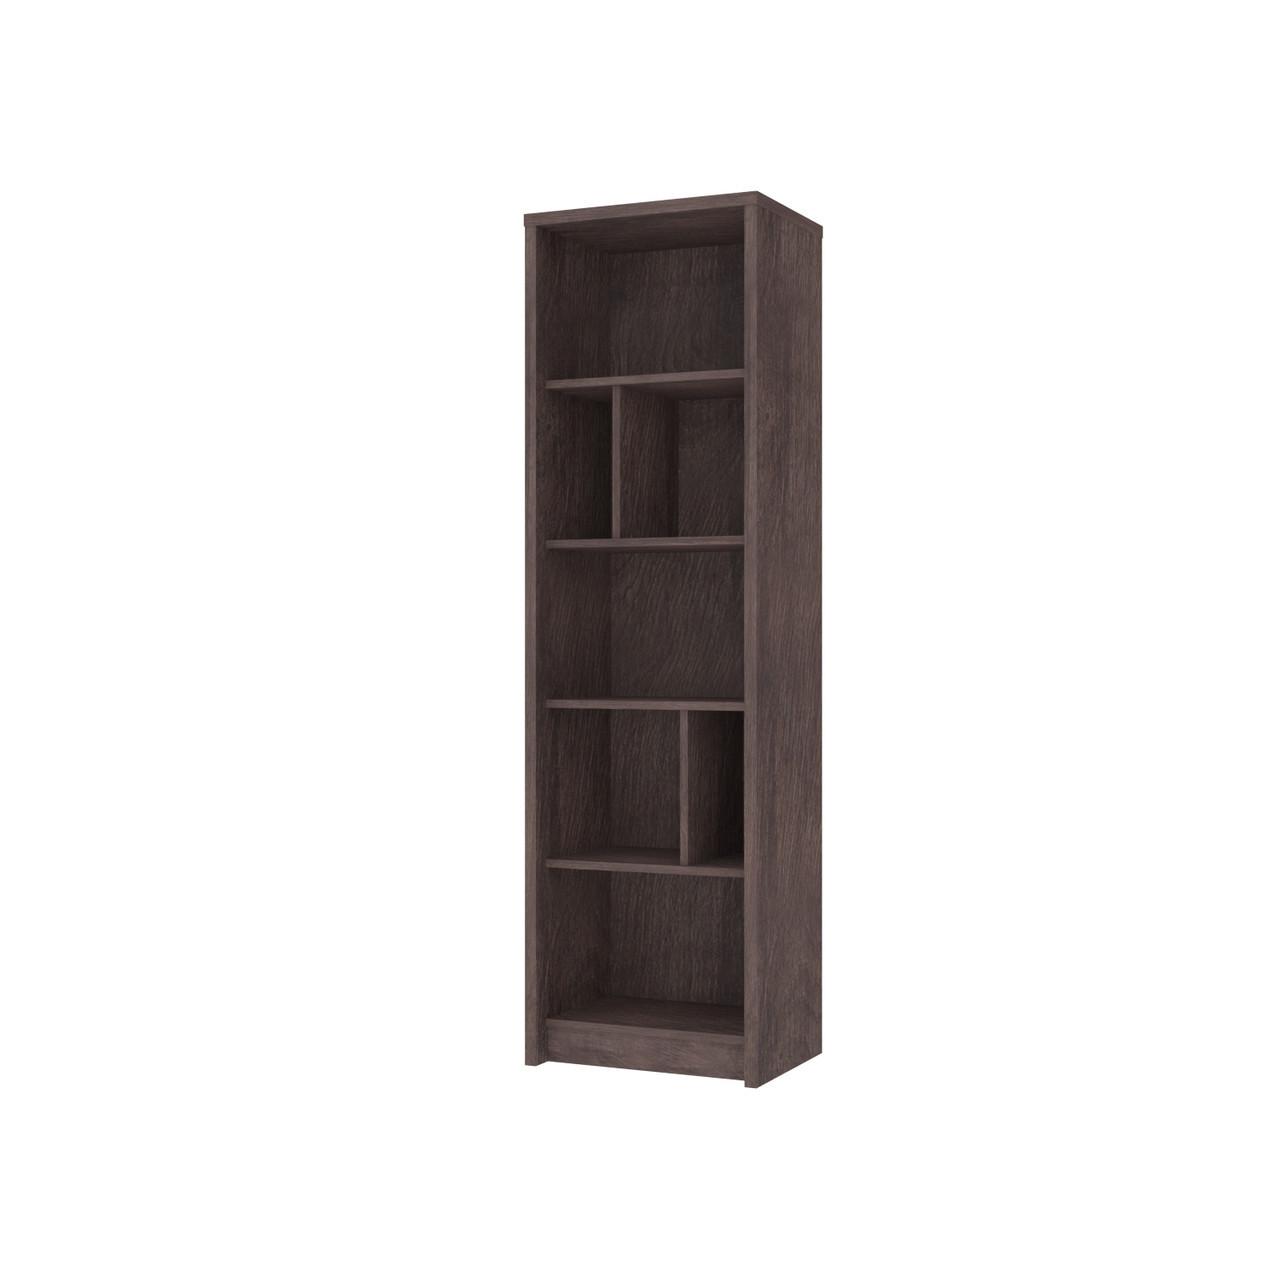 Шкаф книжный Intarsio Virgo C 56х41х190 см